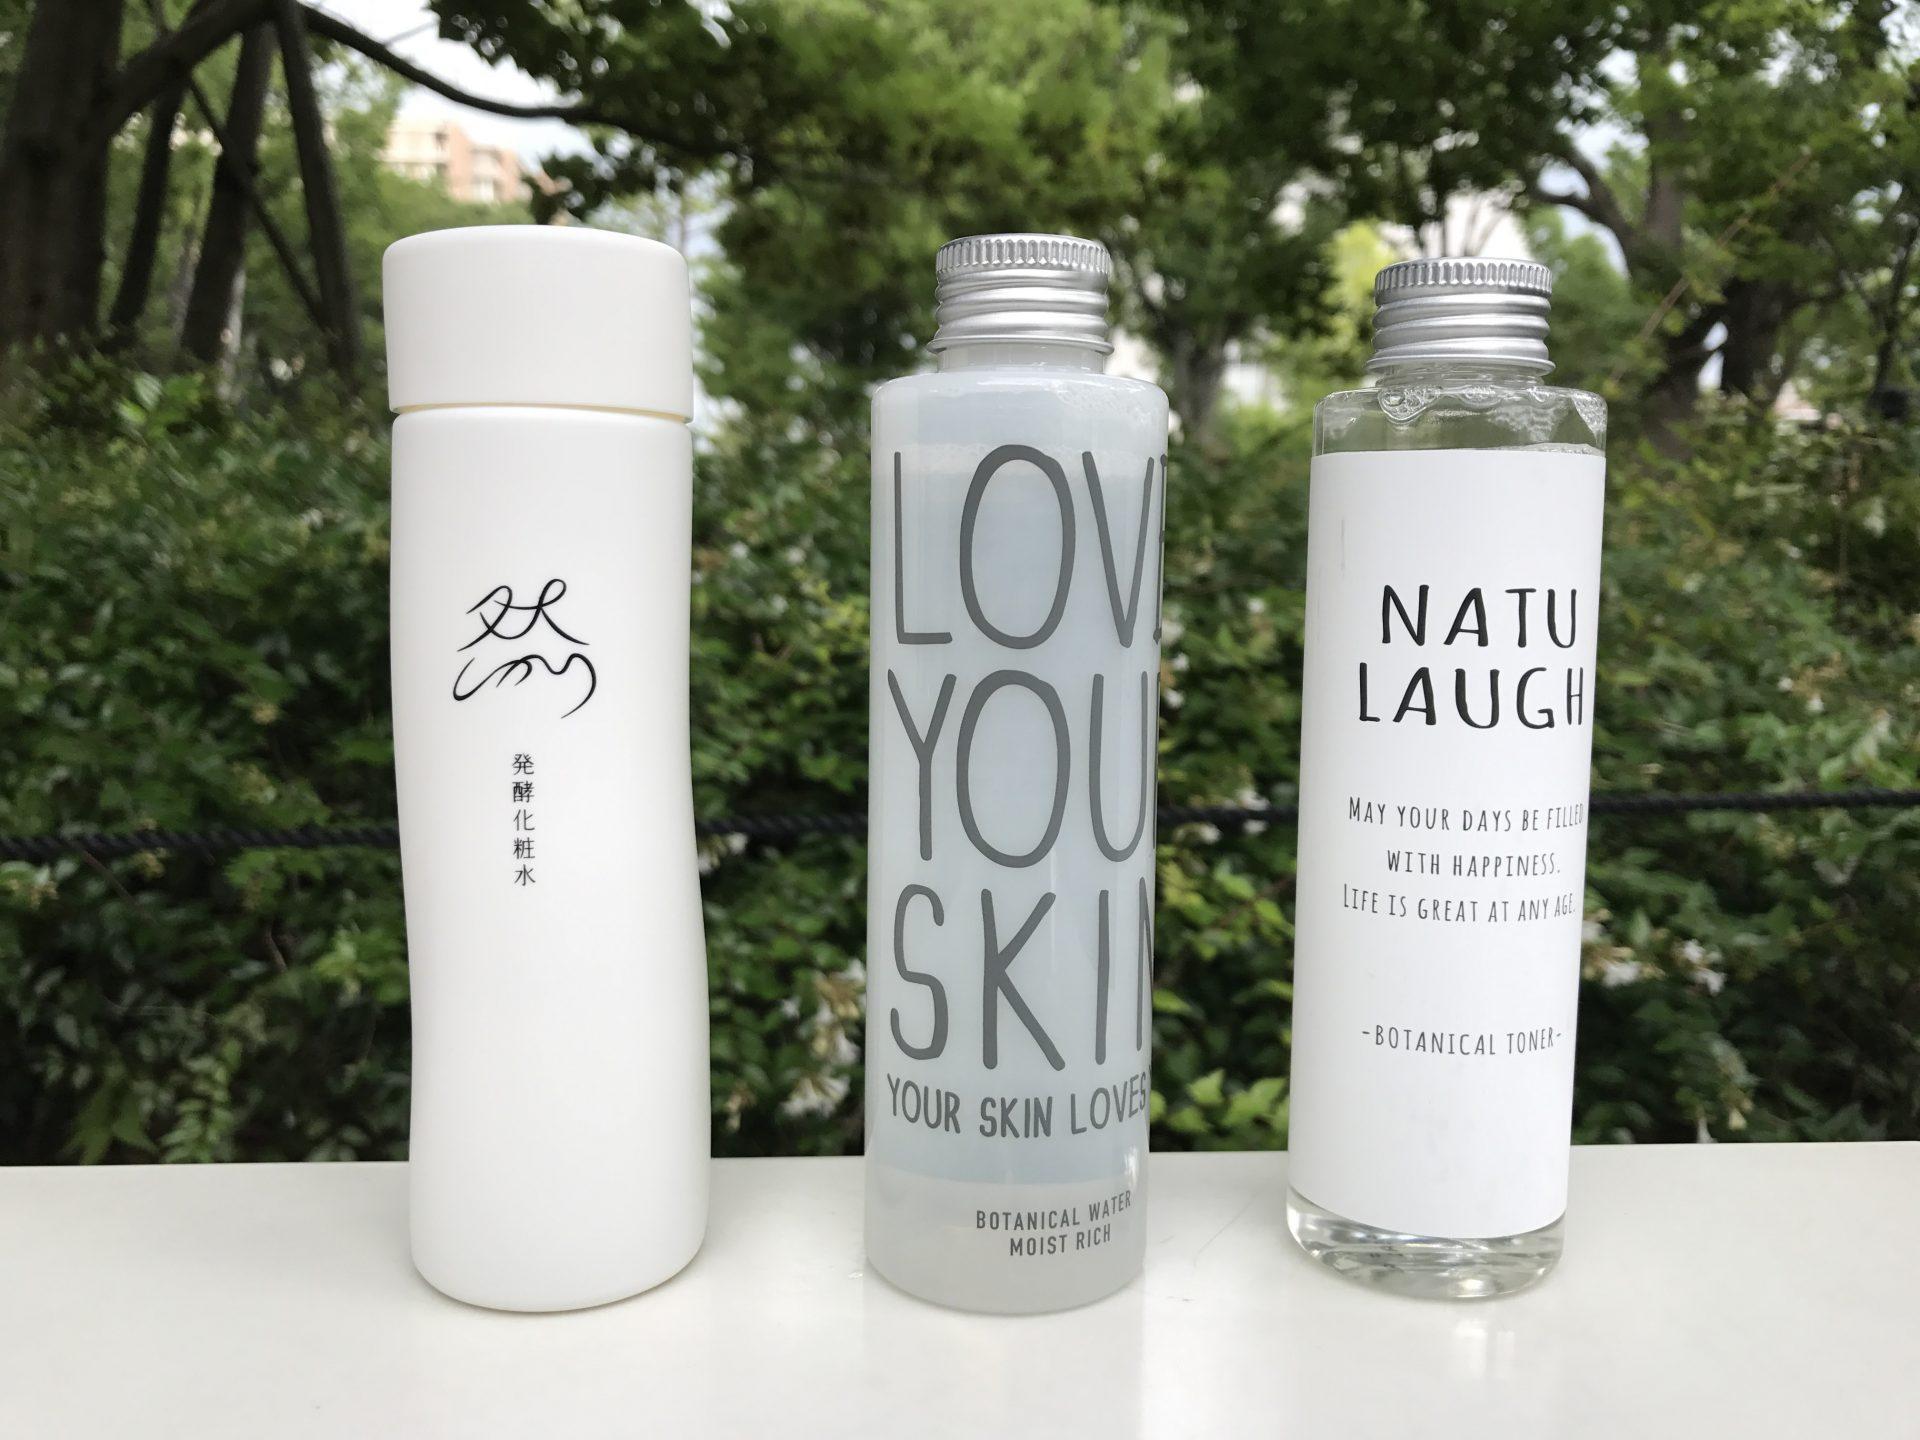 ボタニカル化粧水